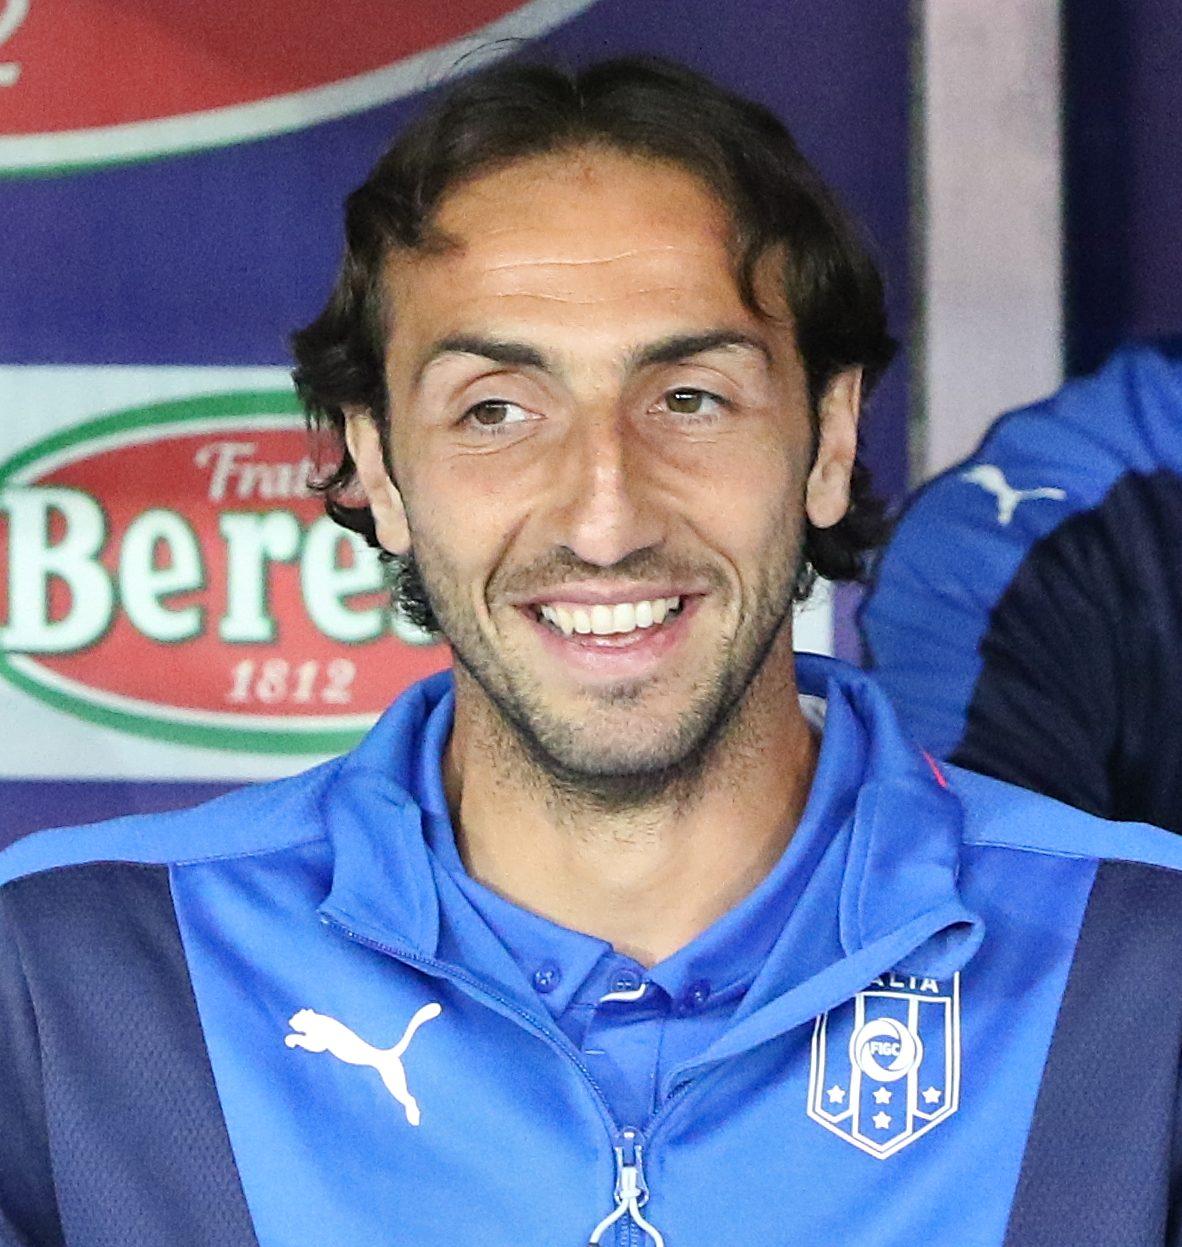 Emiliano Moretti